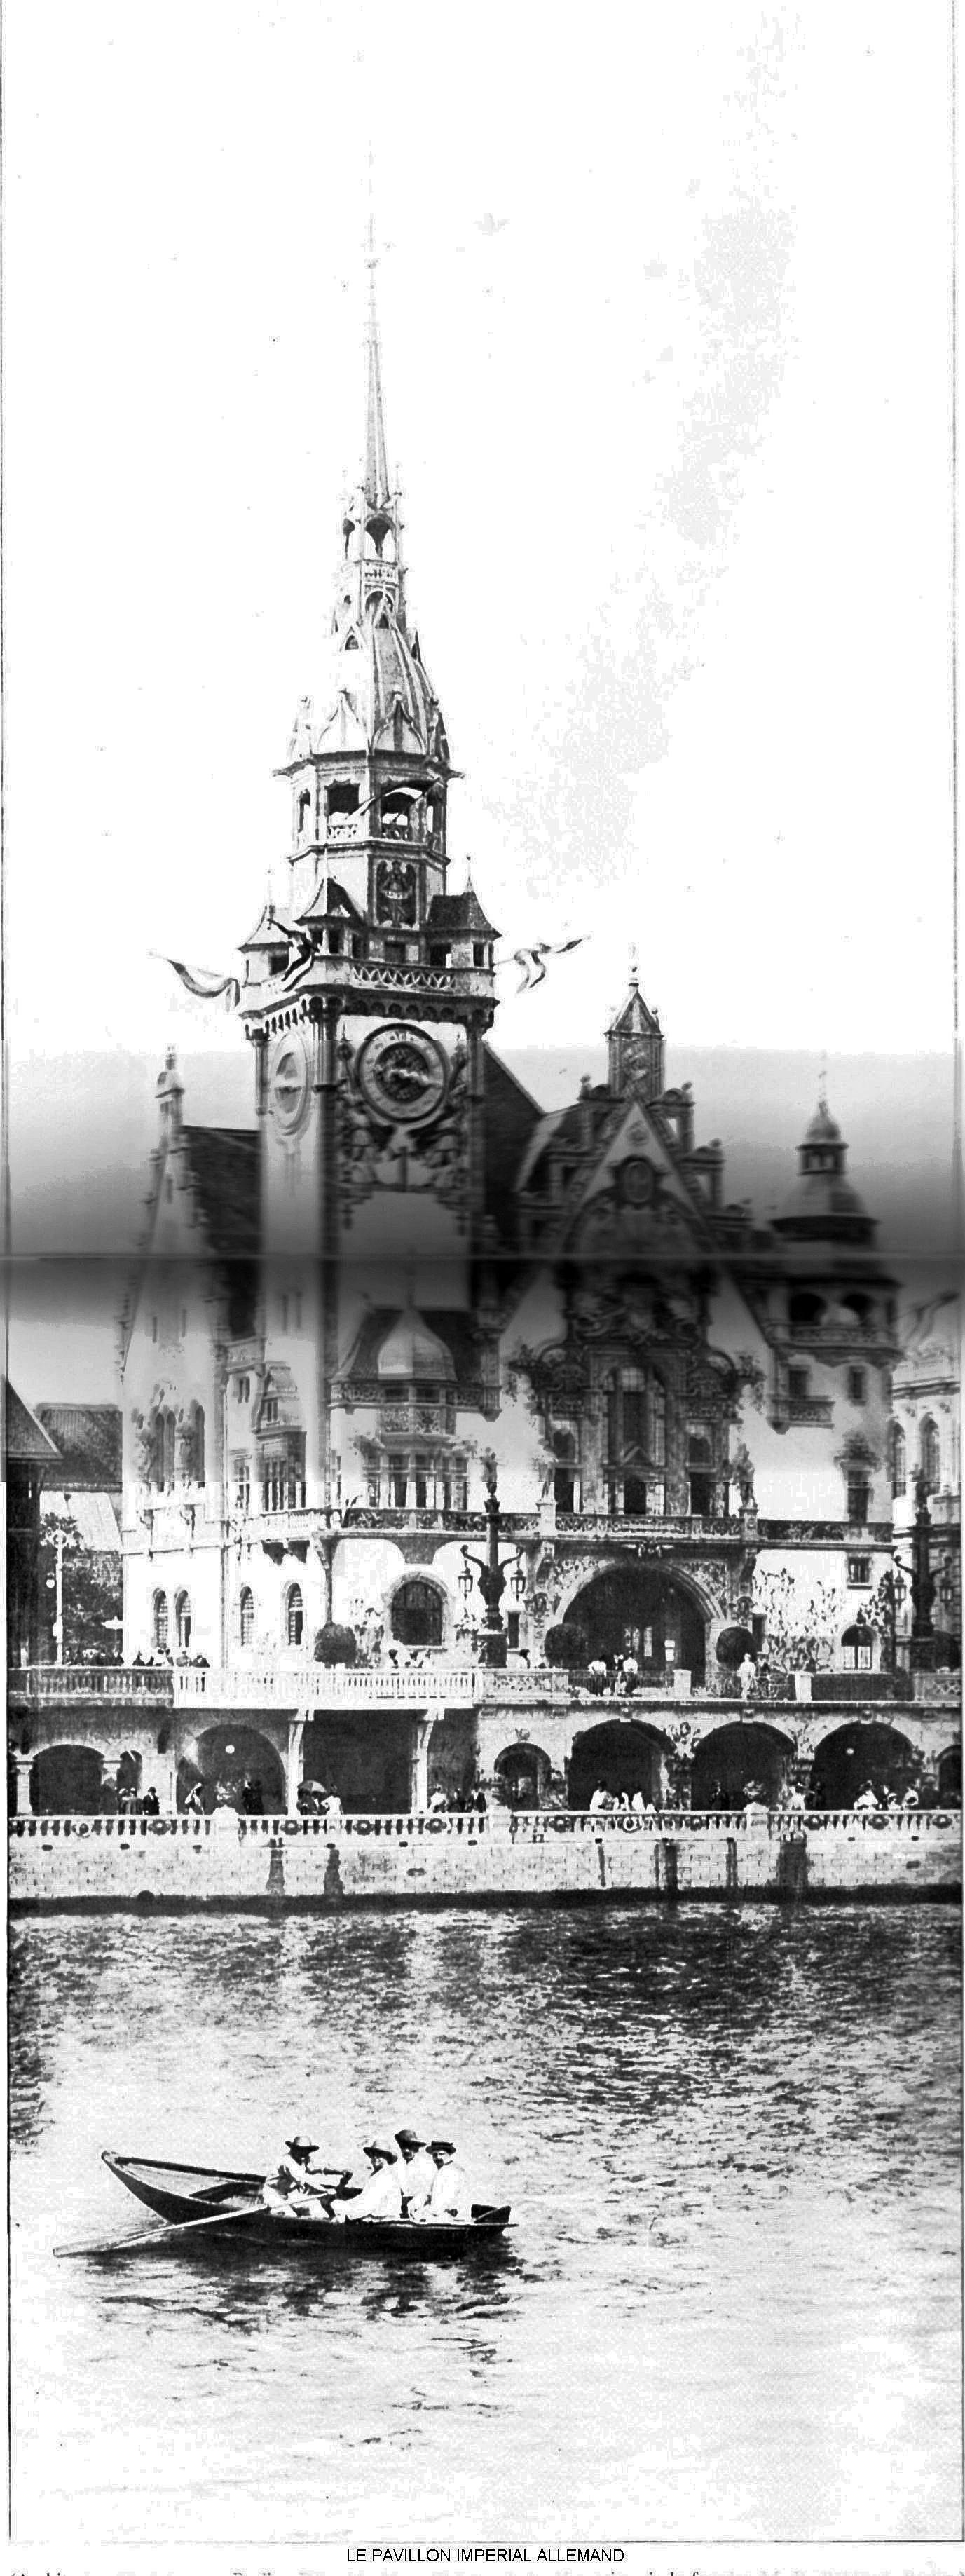 Le pavillon imperial allemand